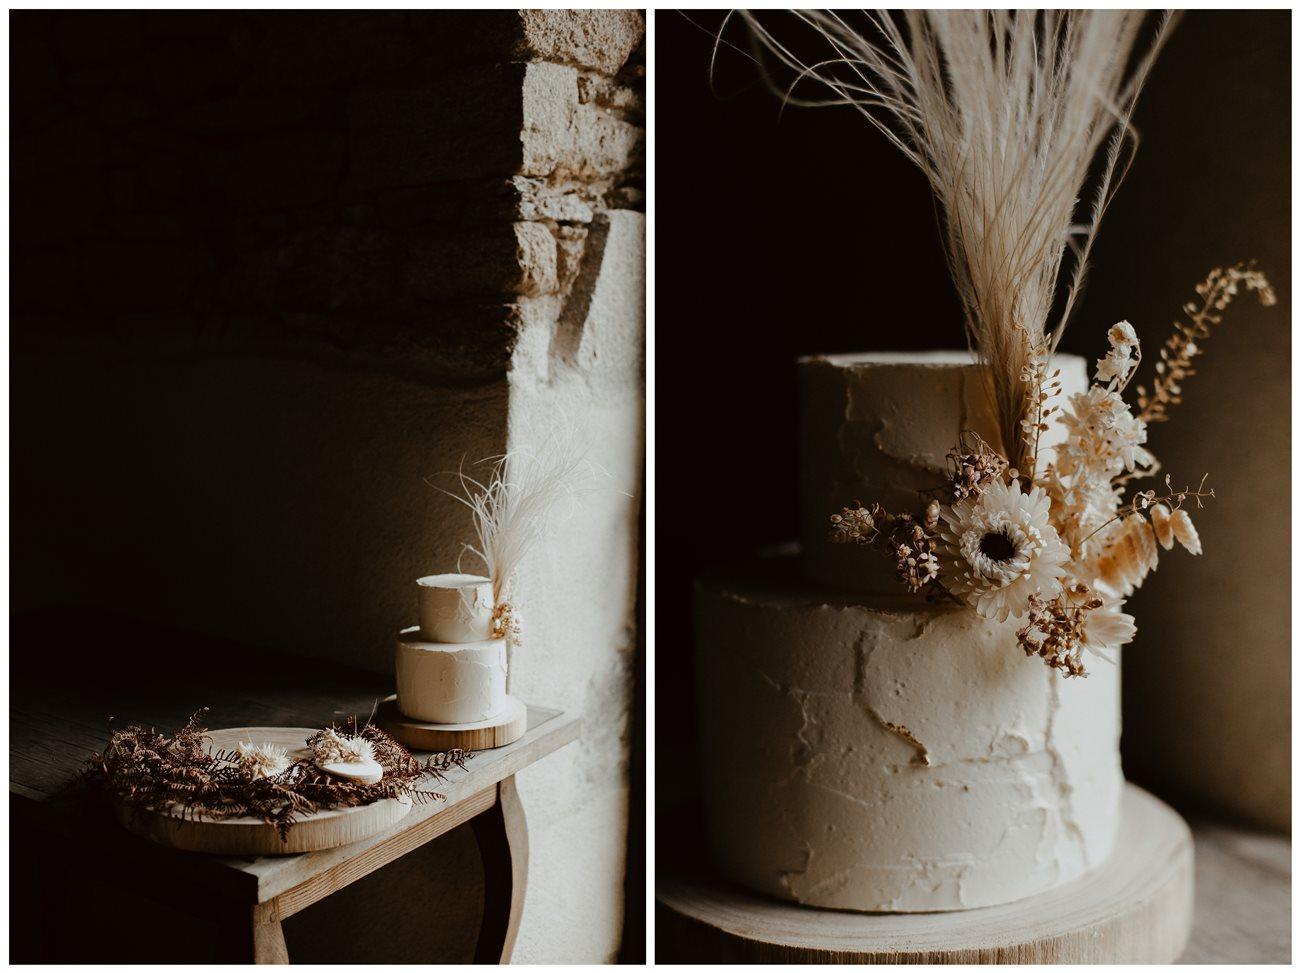 mariage bohème détails gâteau et sablés nude fleuris Petite Douce